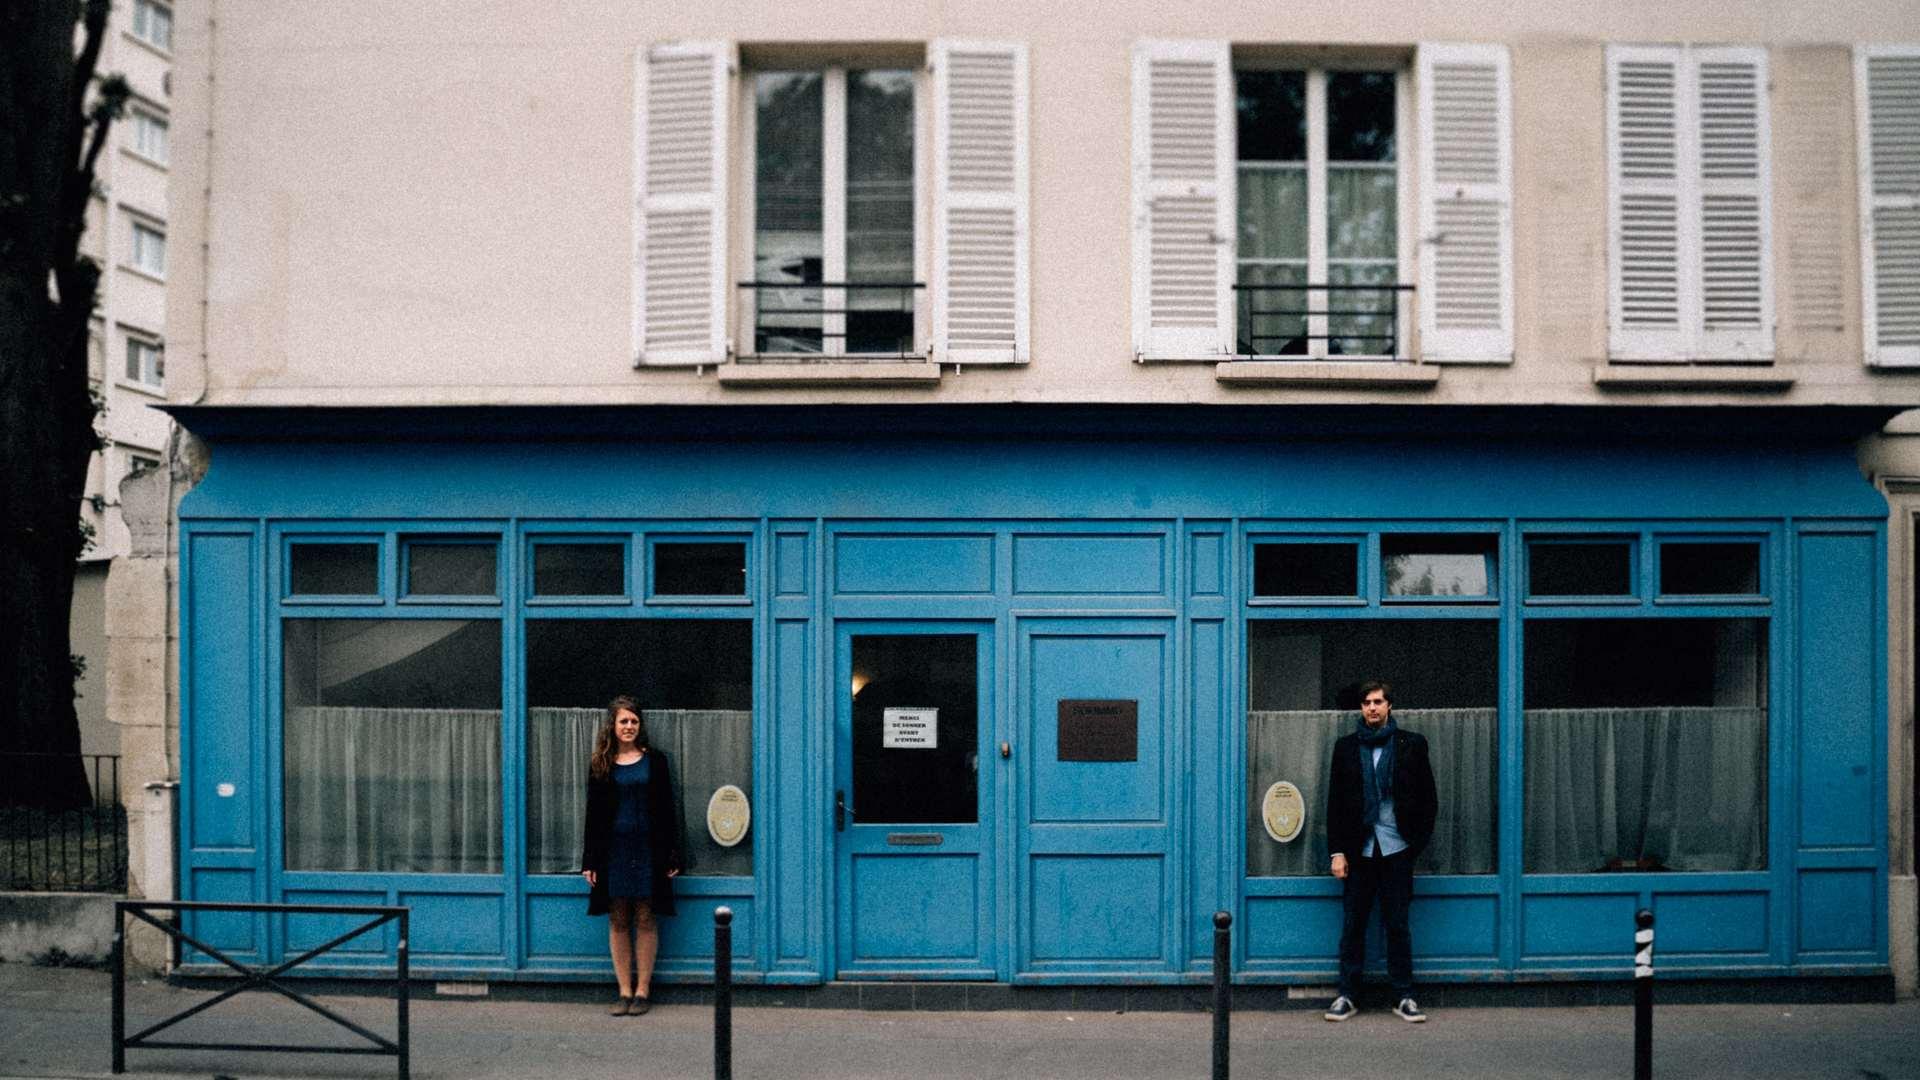 Christophe ROLAND / photographe seine et marne / photographe lifestyle / Photographe meaux / Paris / meaux / photographe mariage paris / ceremonie laique / photographe moody / la butte aux cailles